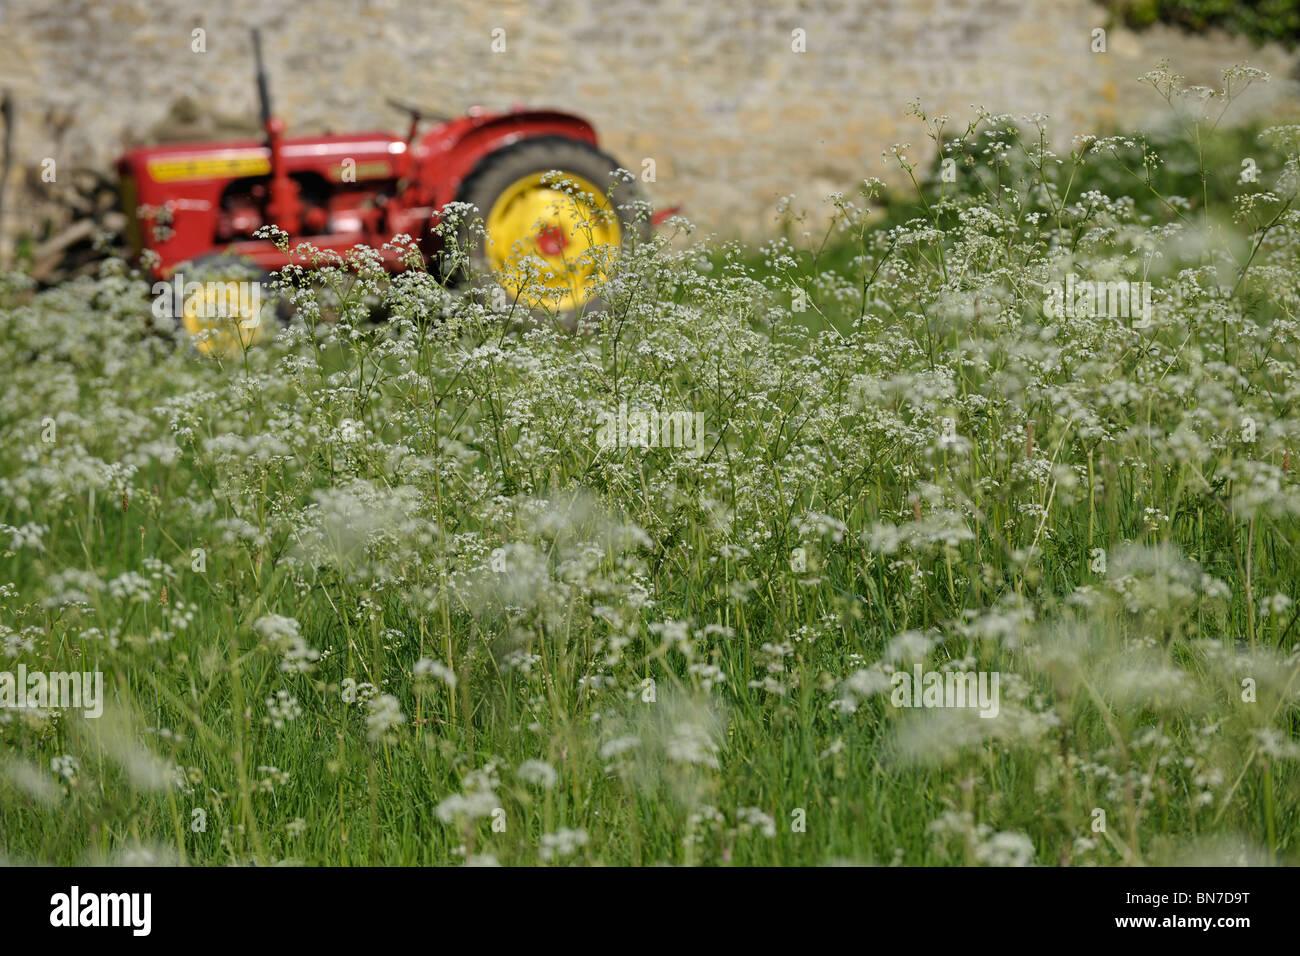 Tractor en campo florido Imagen De Stock